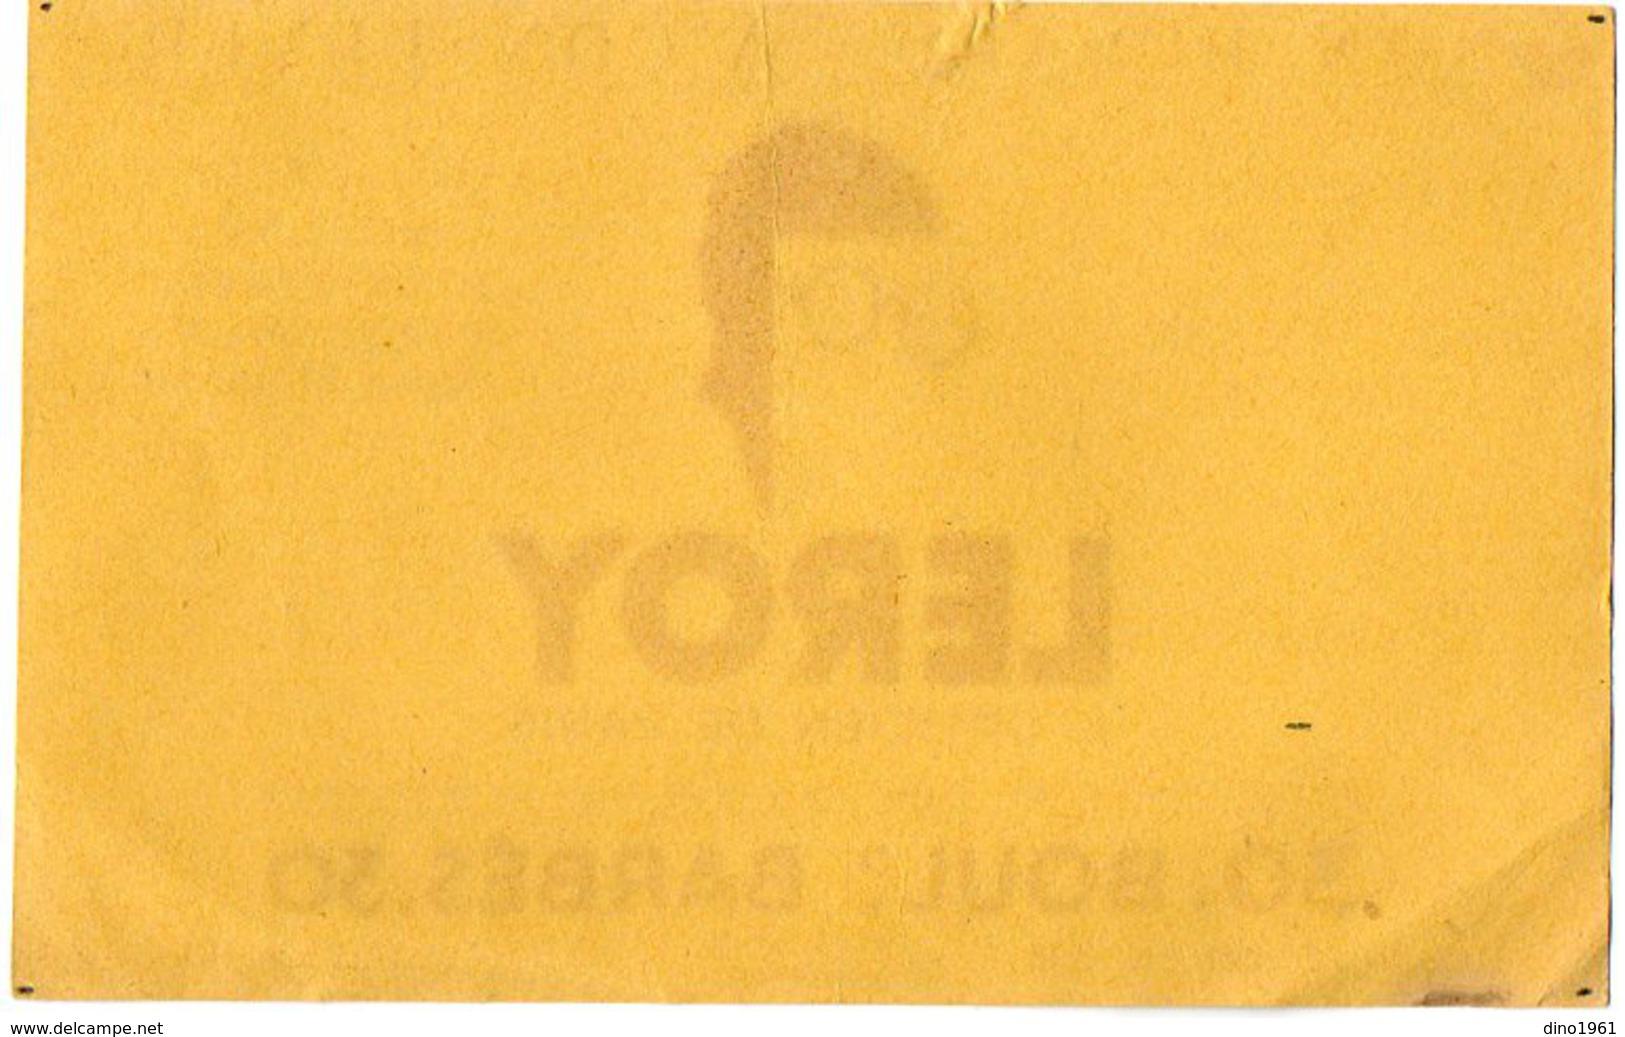 VP6281 - Buvard - LEROY 1er Opticien De PARIS Bd Barbes - Buvards, Protège-cahiers Illustrés